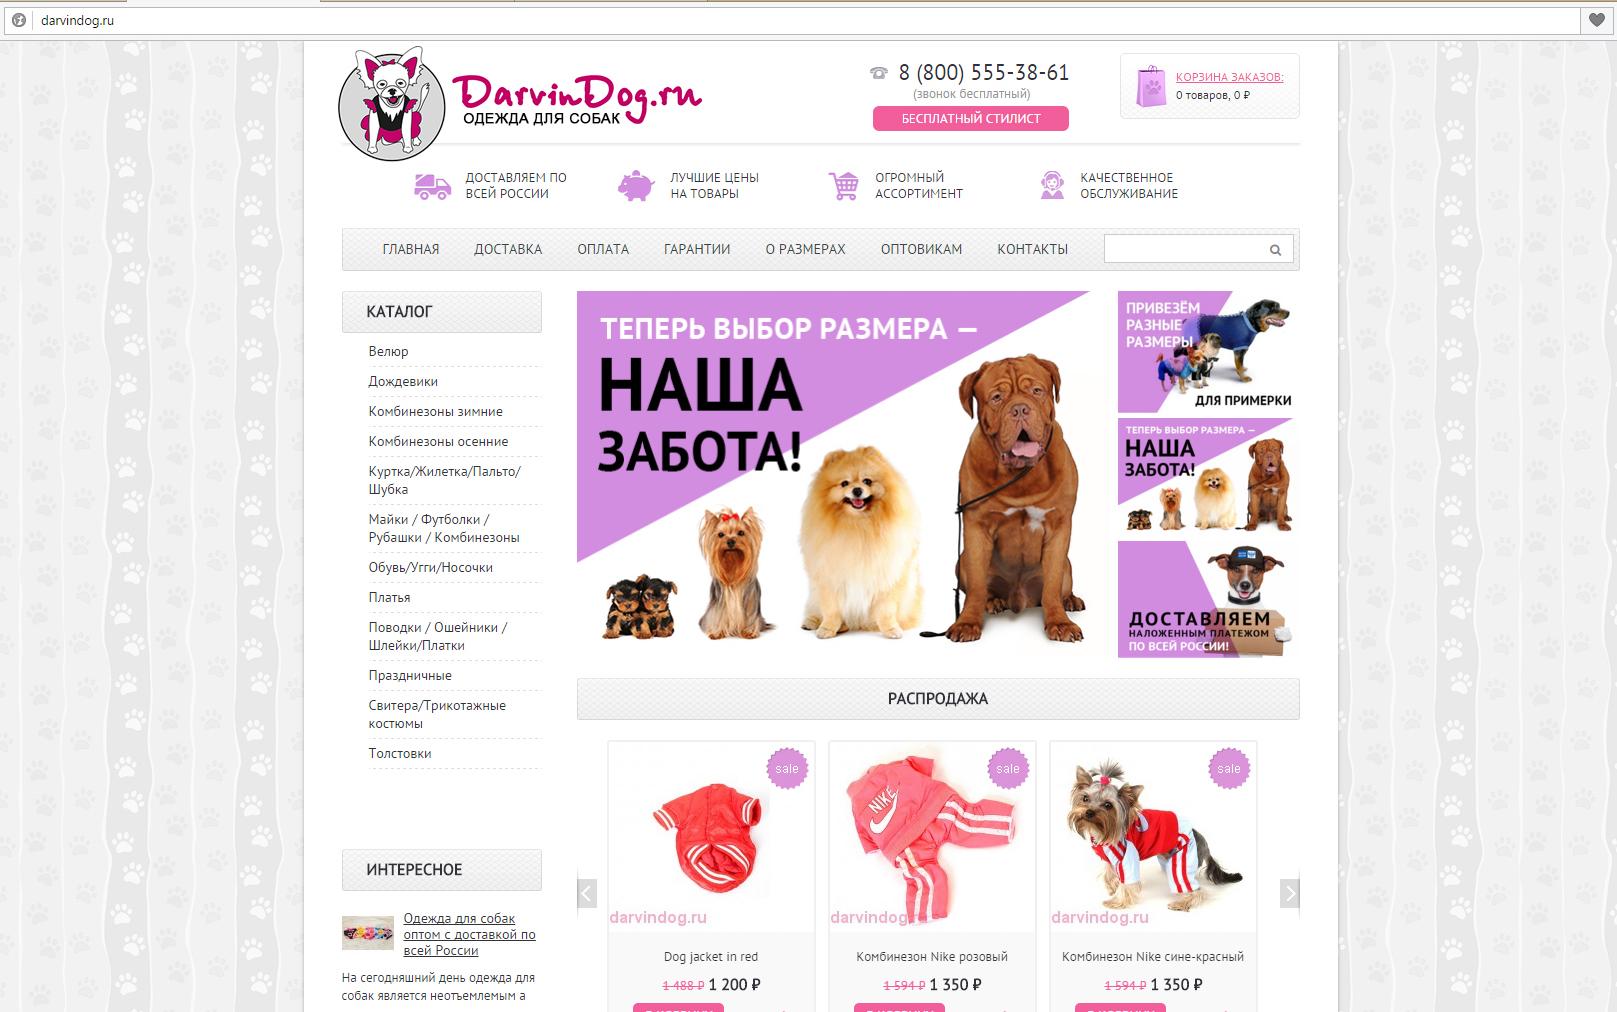 Создать логотип для интернет магазина одежды для собак фото f_568564b8d8c38fd6.jpg